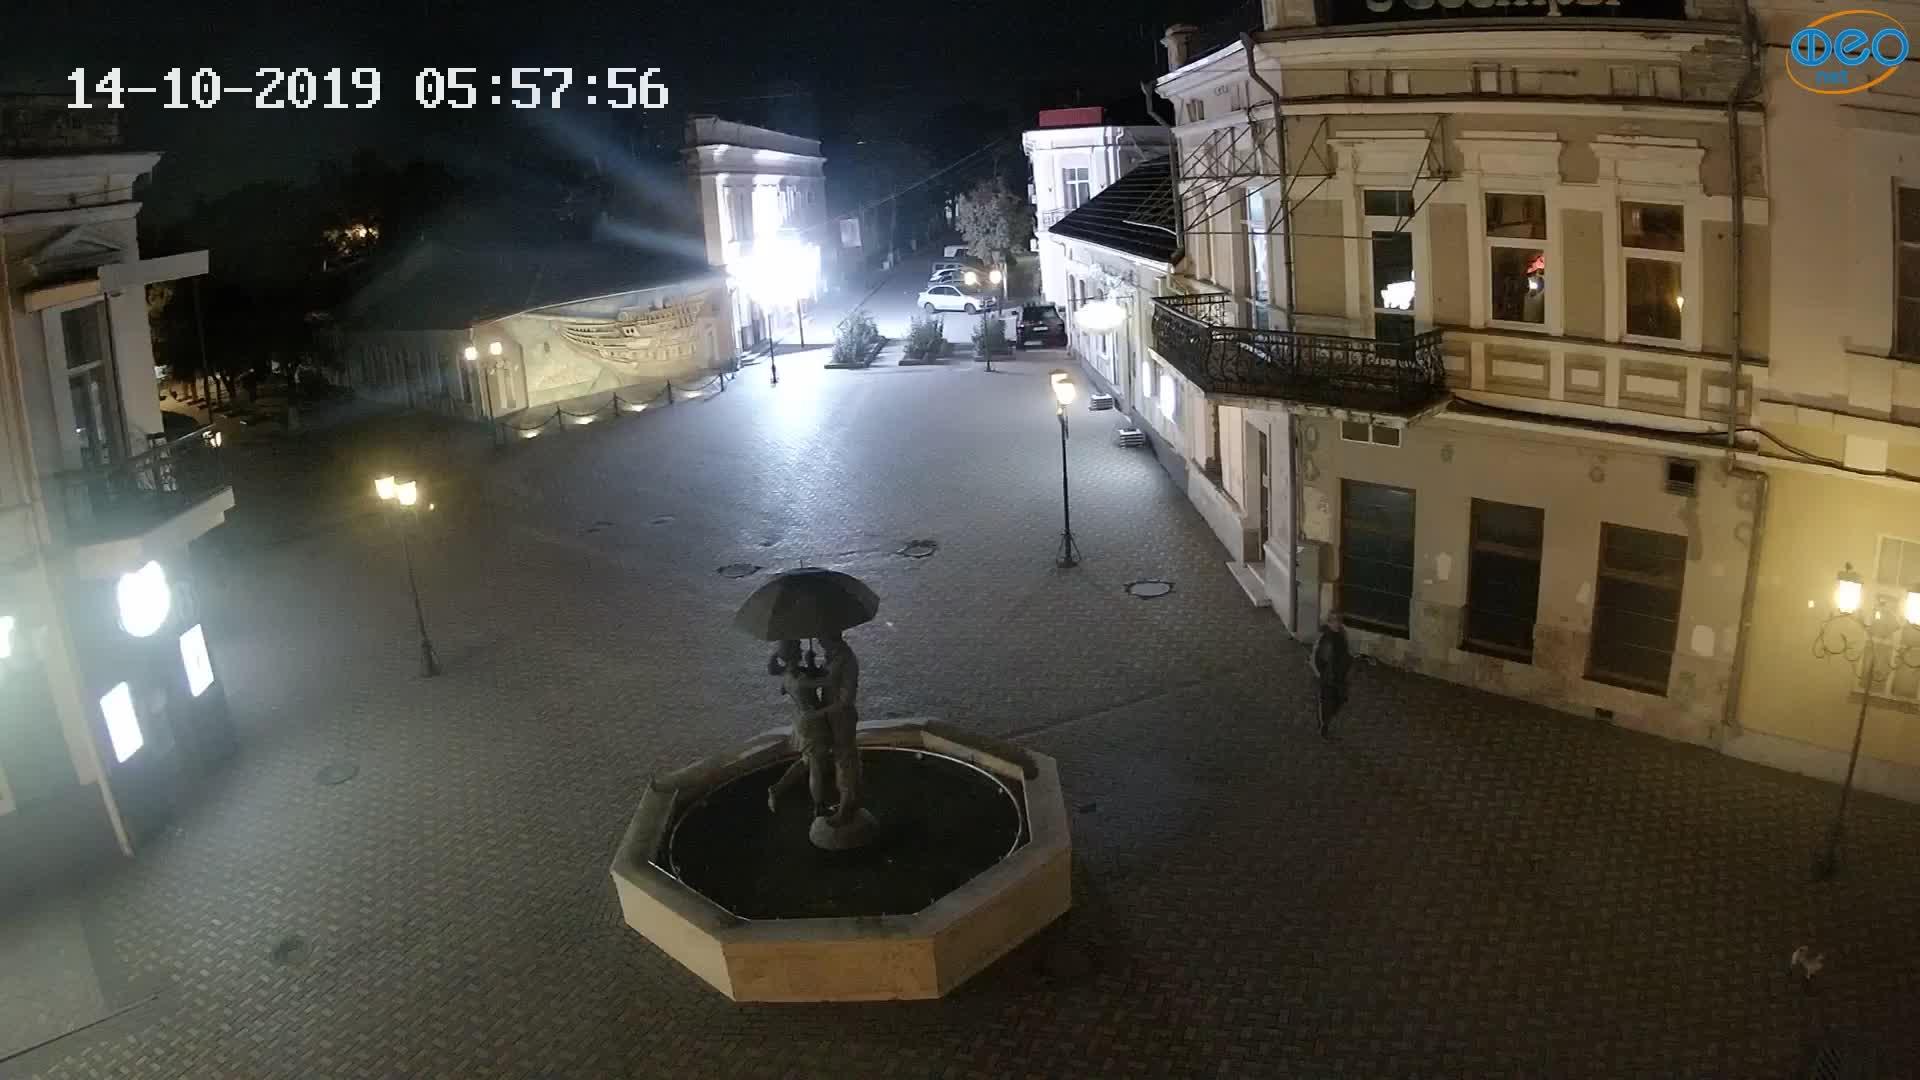 Веб-камеры Феодосии, Панно Бригантина (Камера со звуком.), 2019-10-14 06:03:06